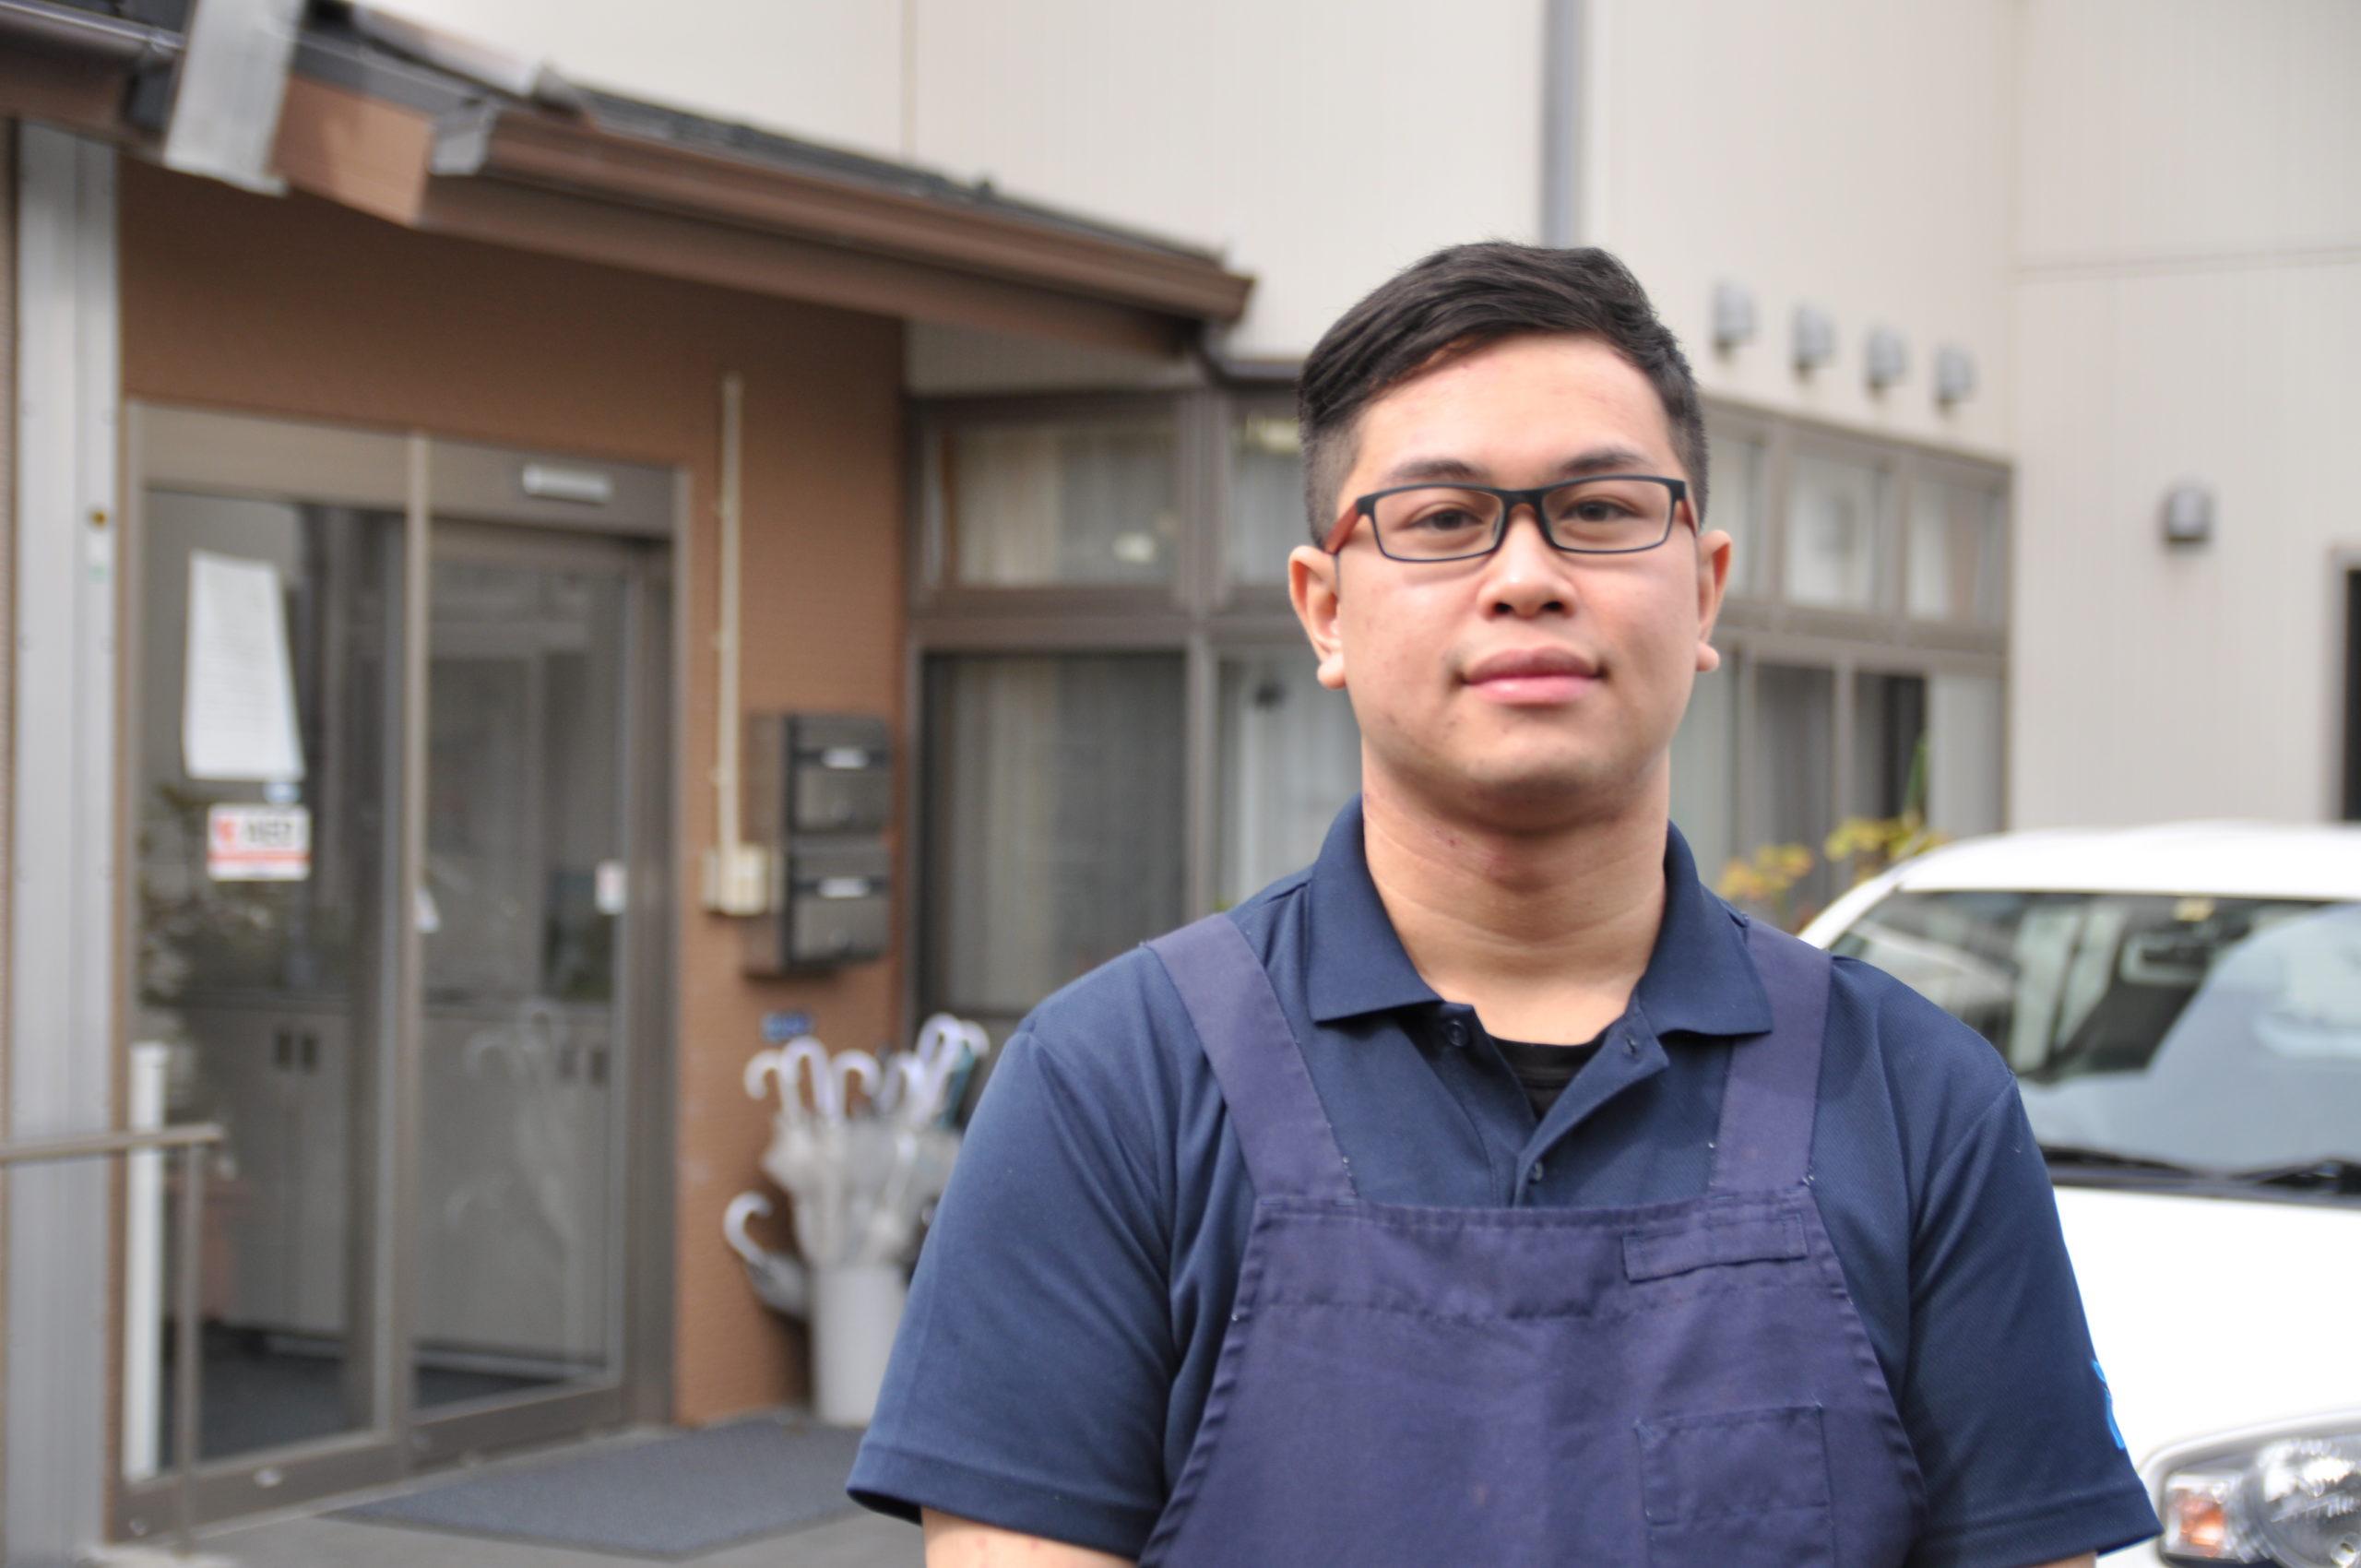 愛・グループホーム市川国府台<br>介護スタッフ サキーフ さん イメージ